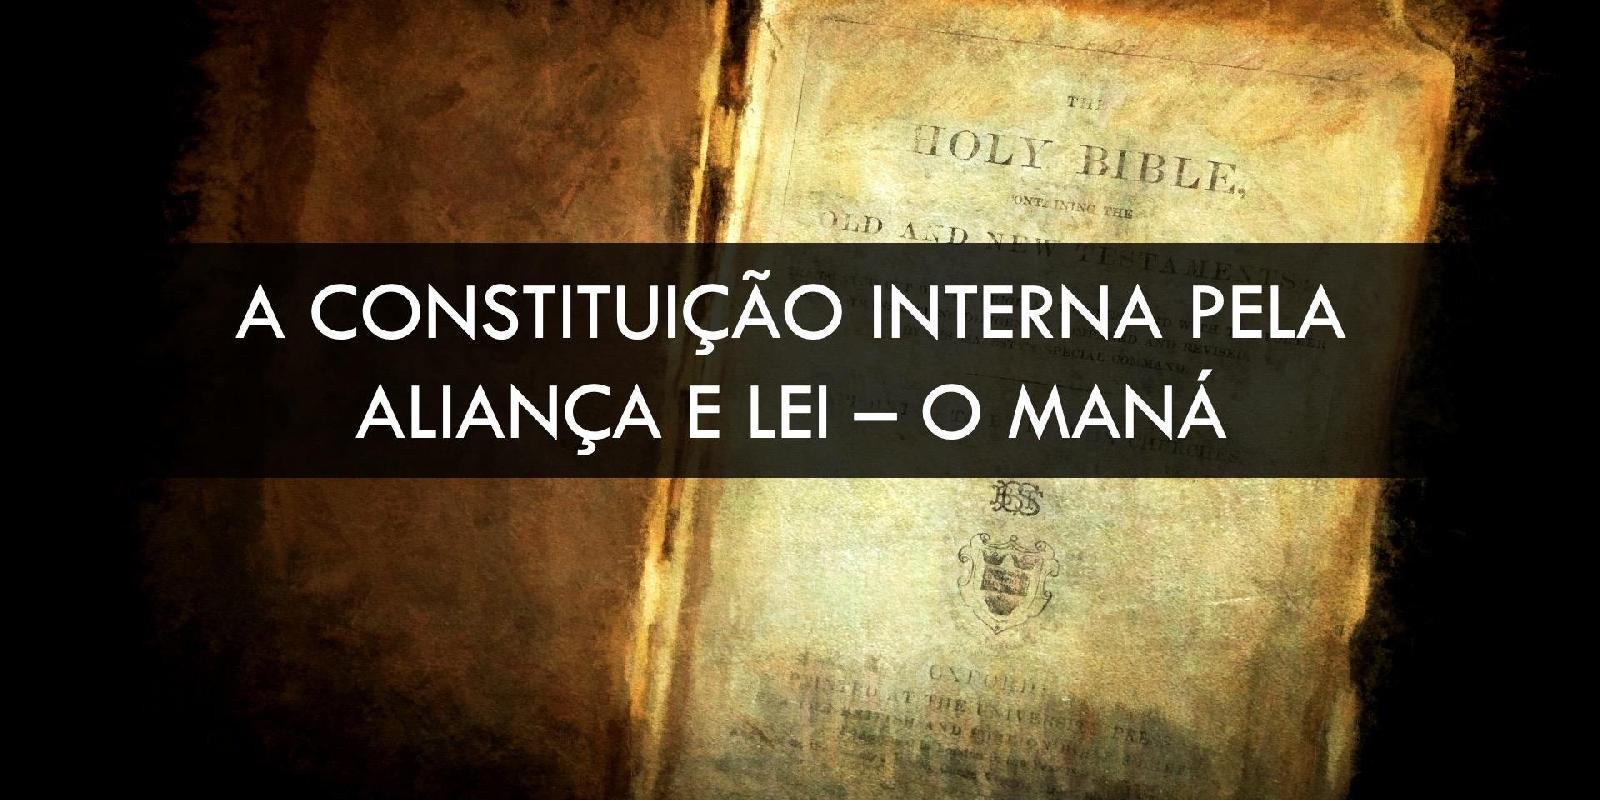 Constituição Interna pela Aliança e Lei - O Maná